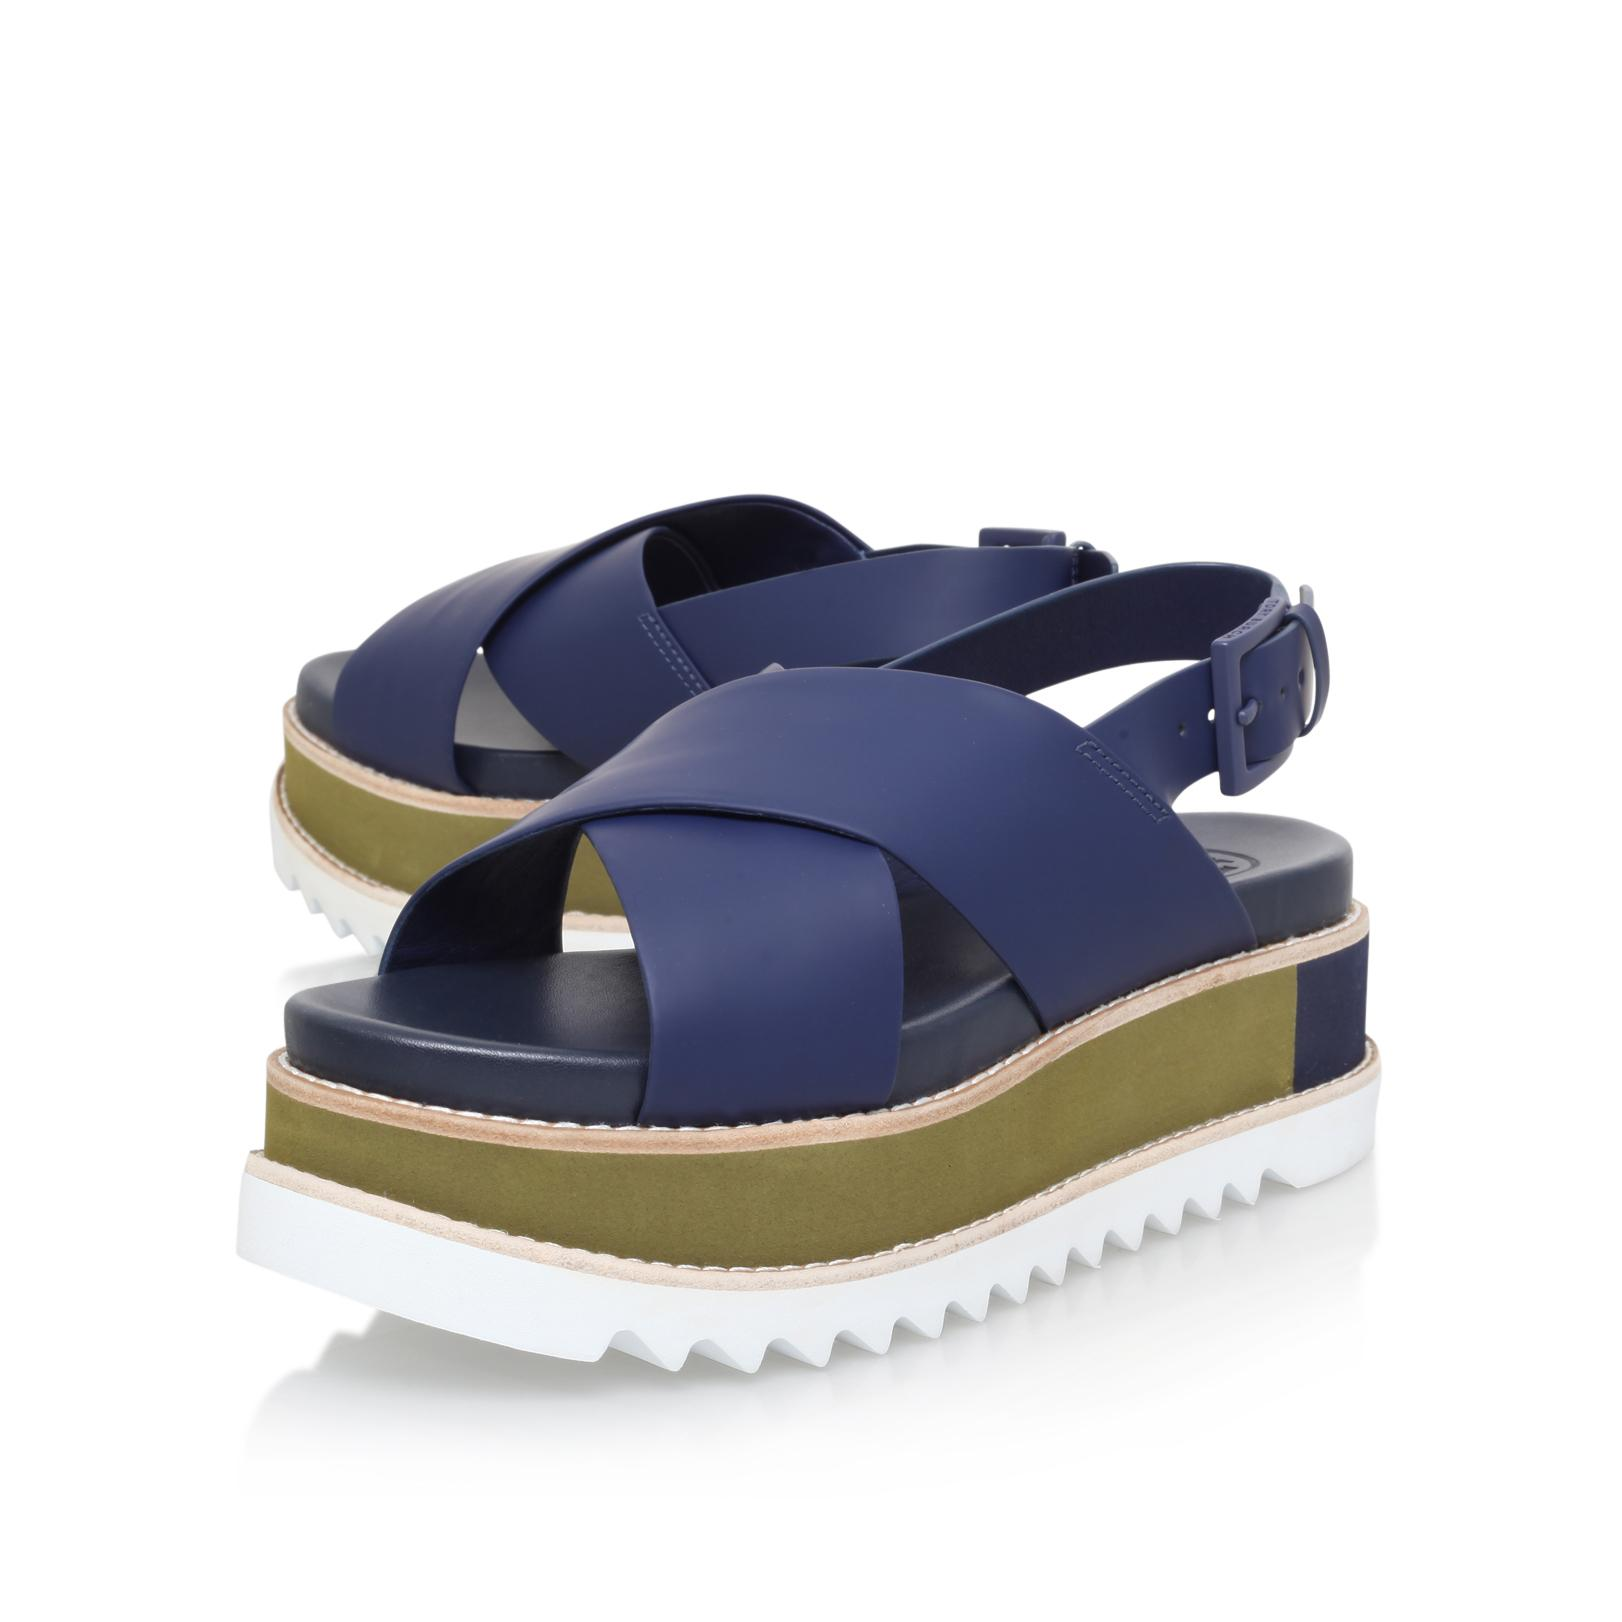 7727f713e12 Tory Burch Gloriette Plat Sandal in Blue - Lyst